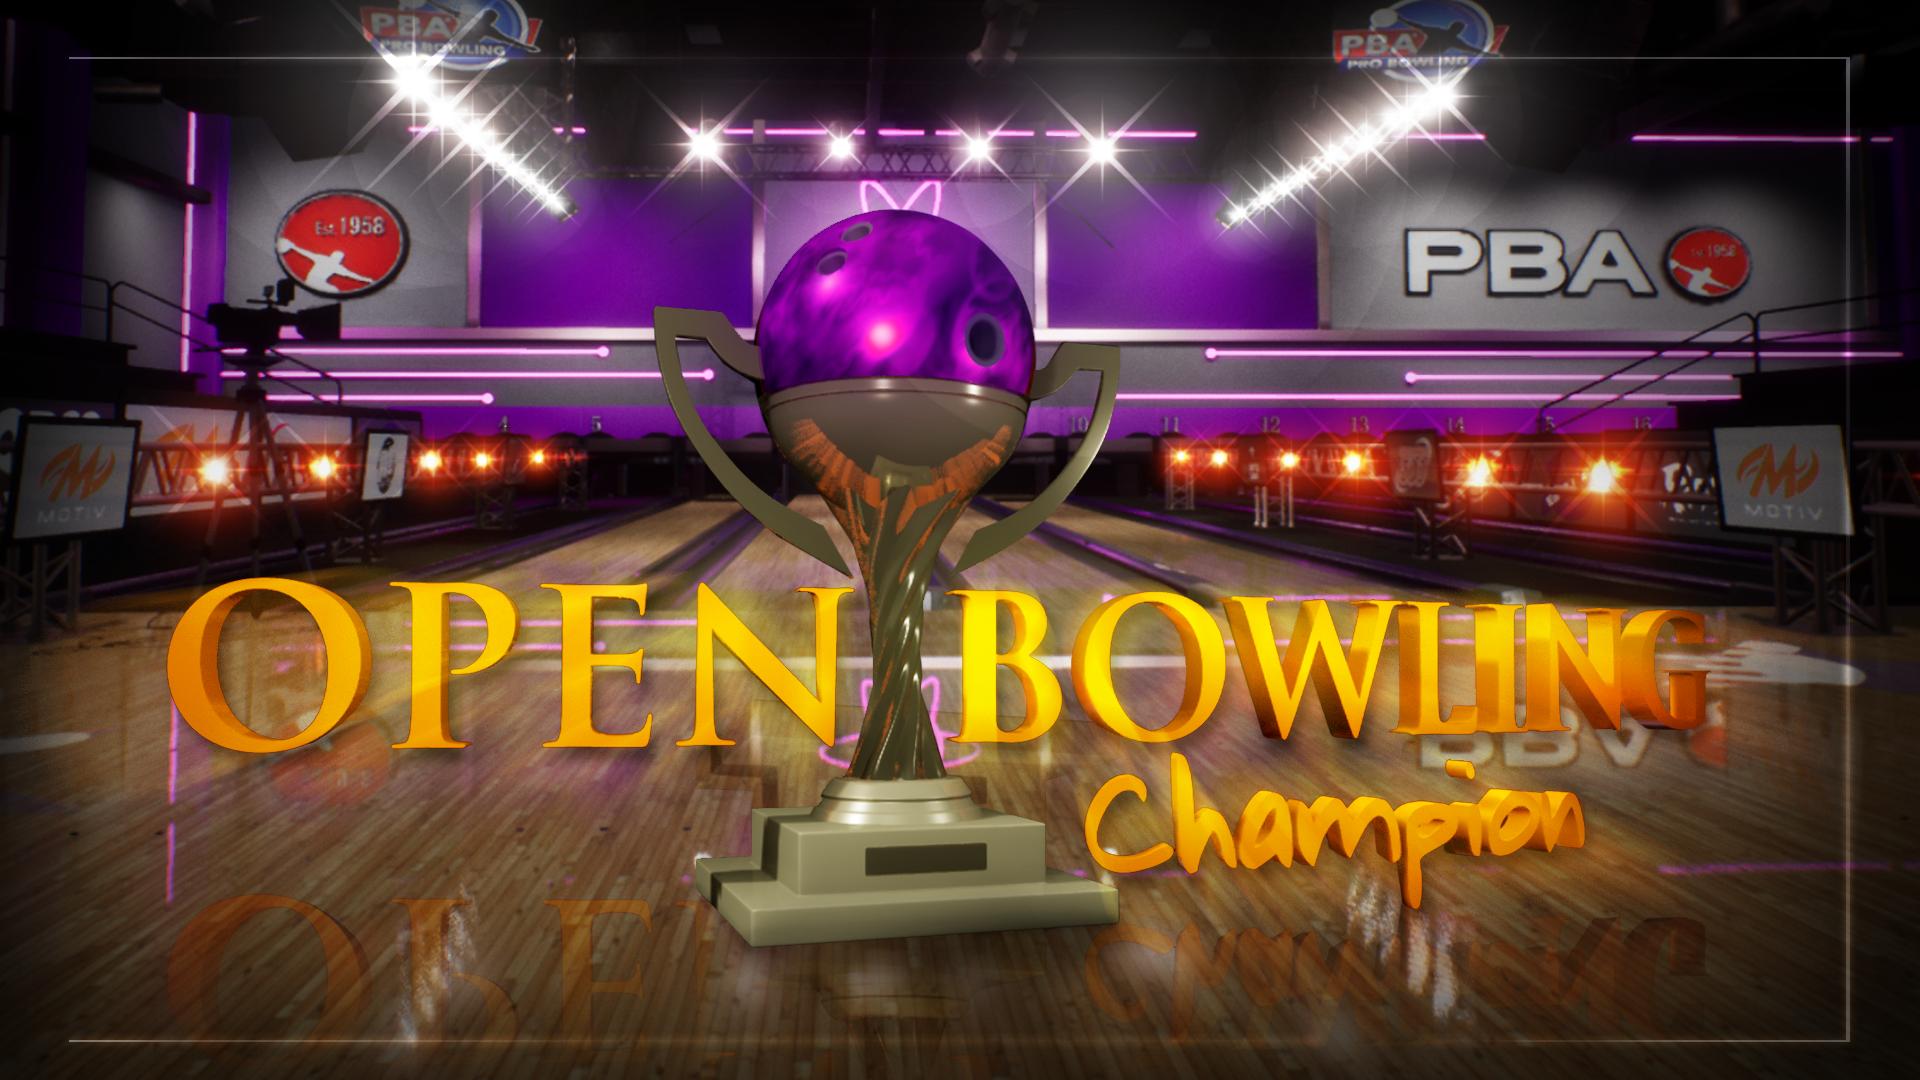 Open Bowling Champion